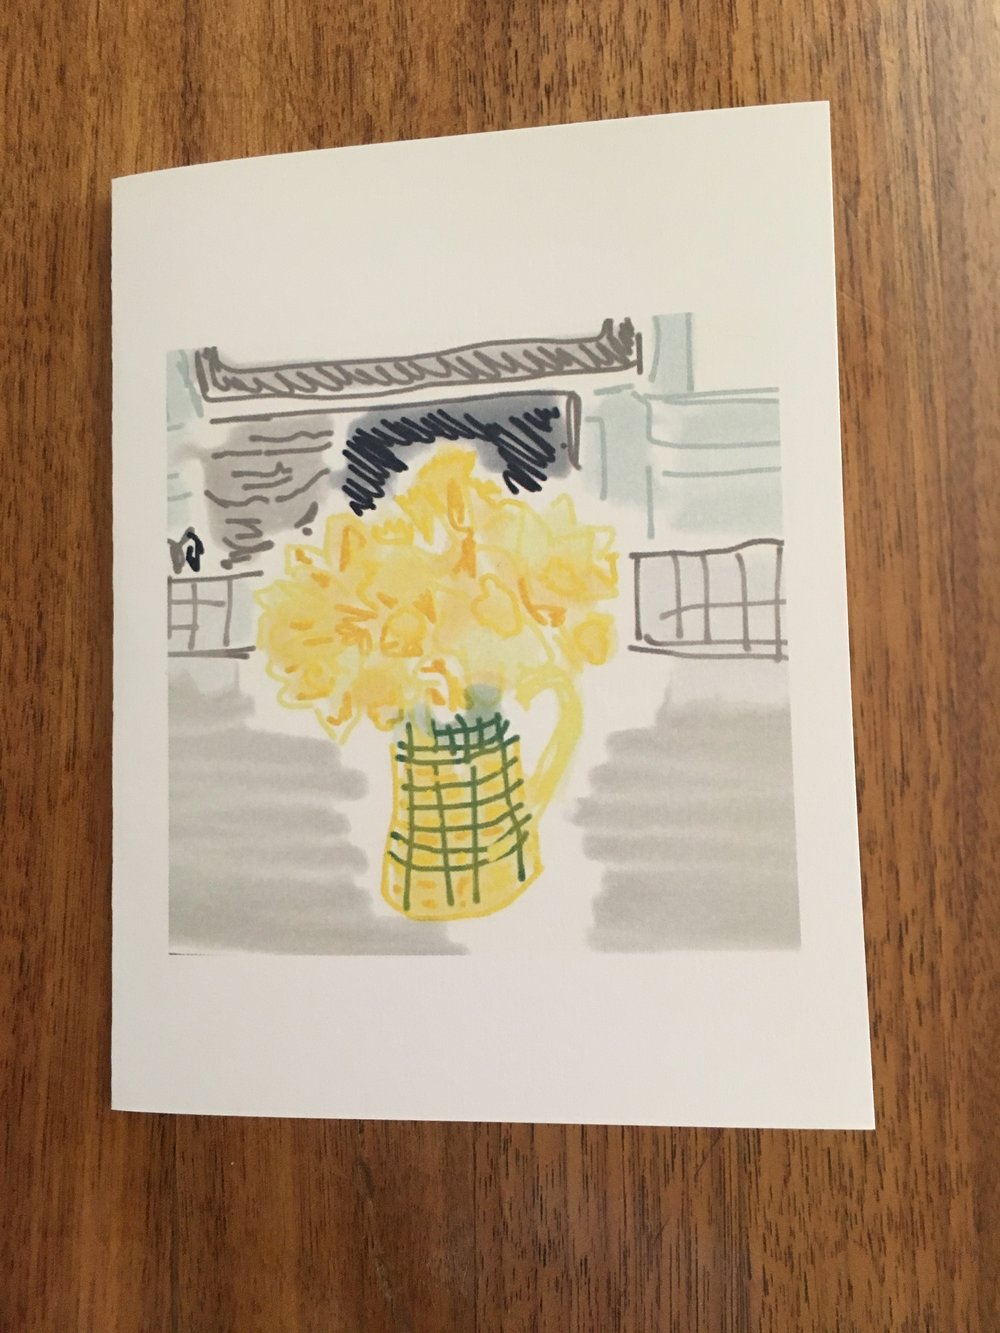 Daffolid